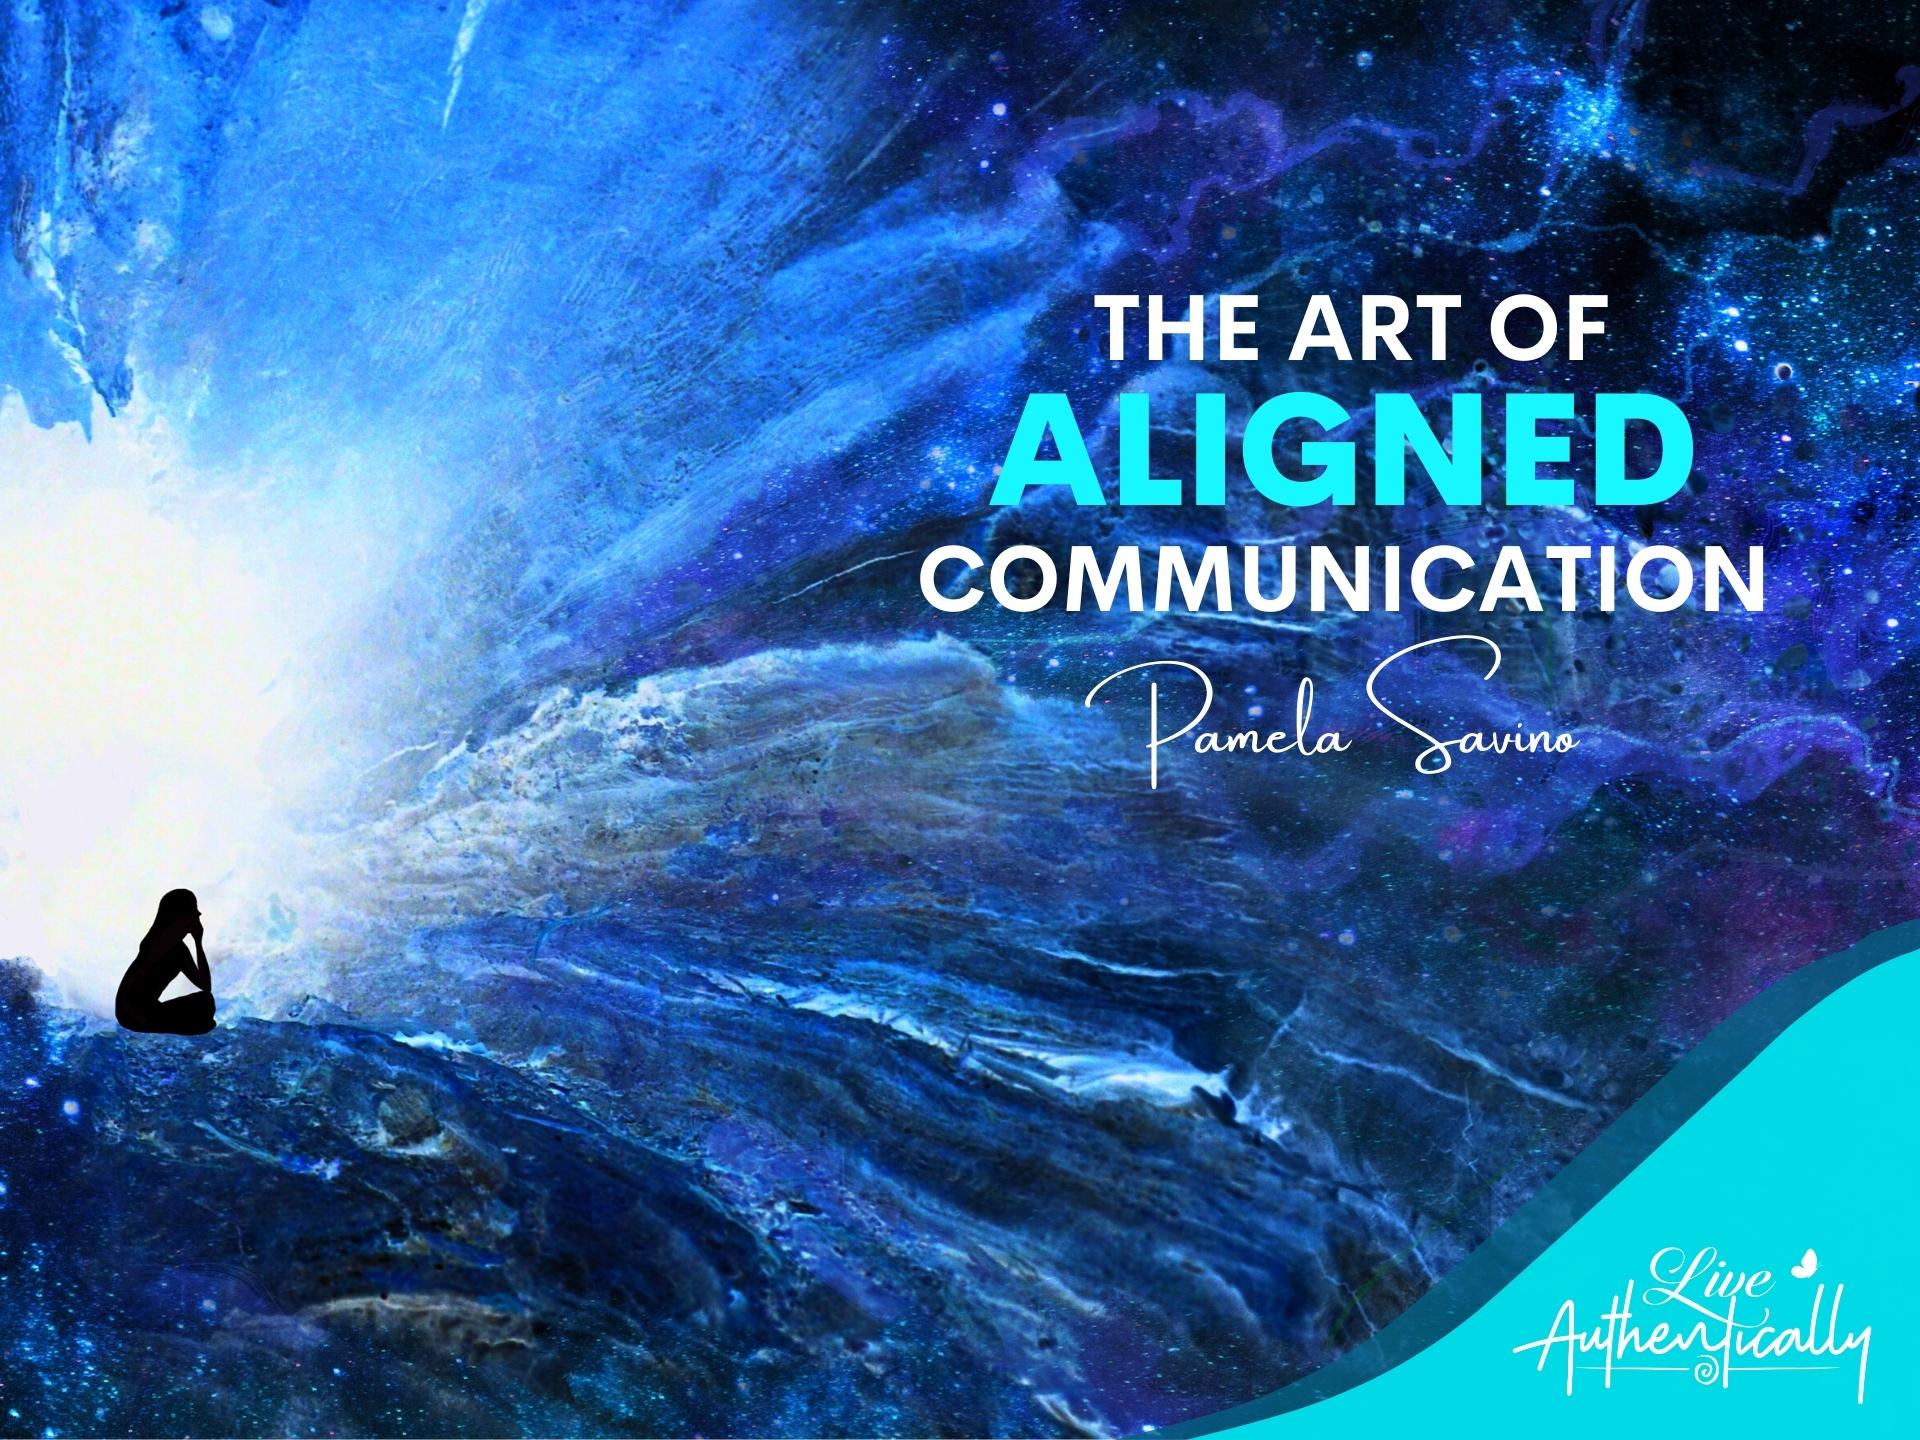 The Art of Aligned Communication